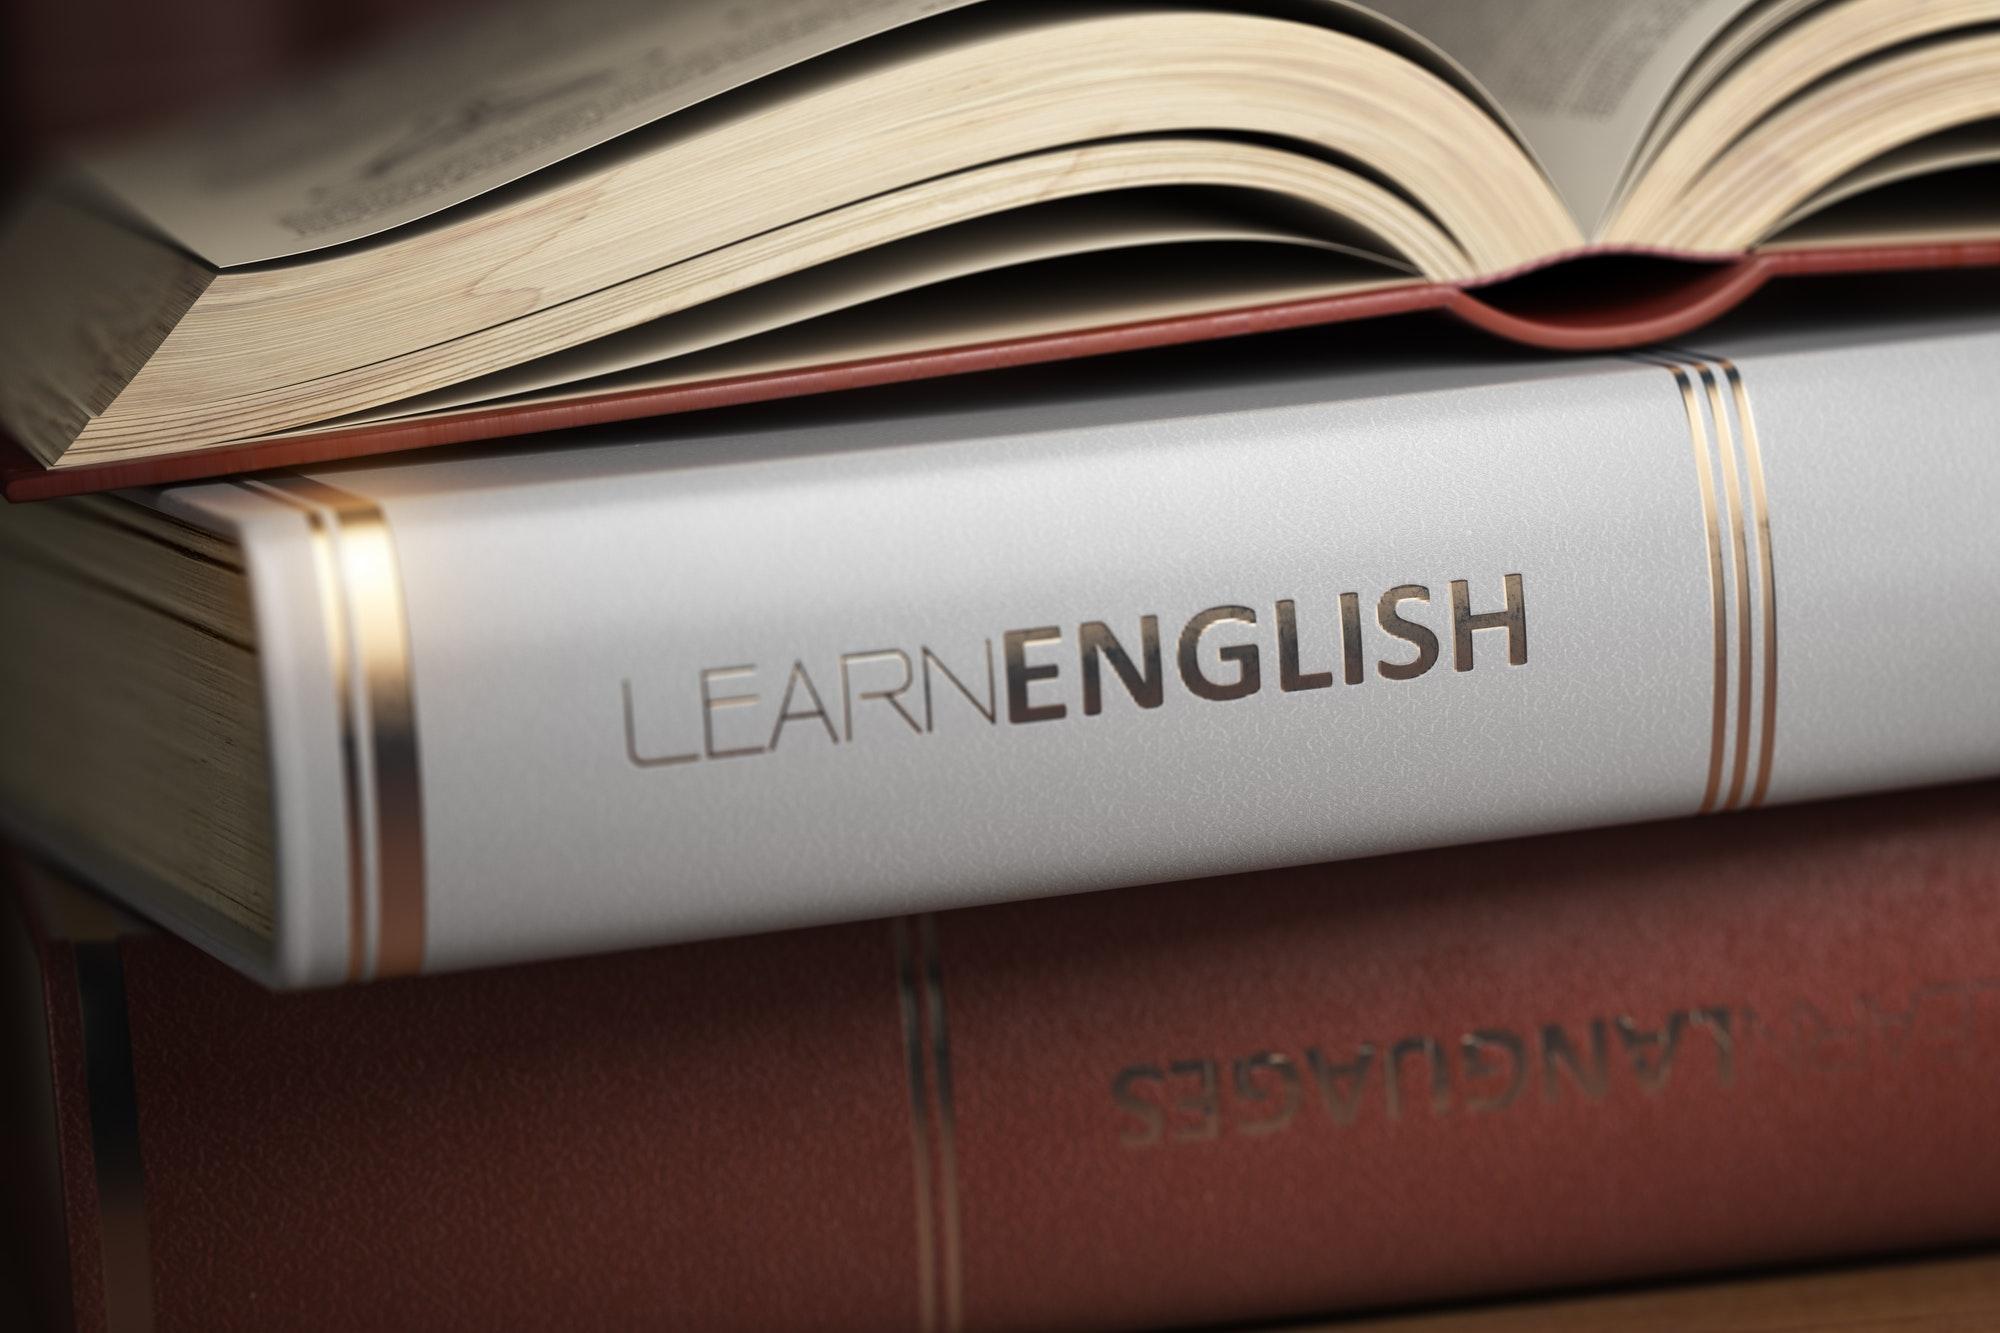 كيفية تعلم اللغة الانجليزية بسهولة وسرعة